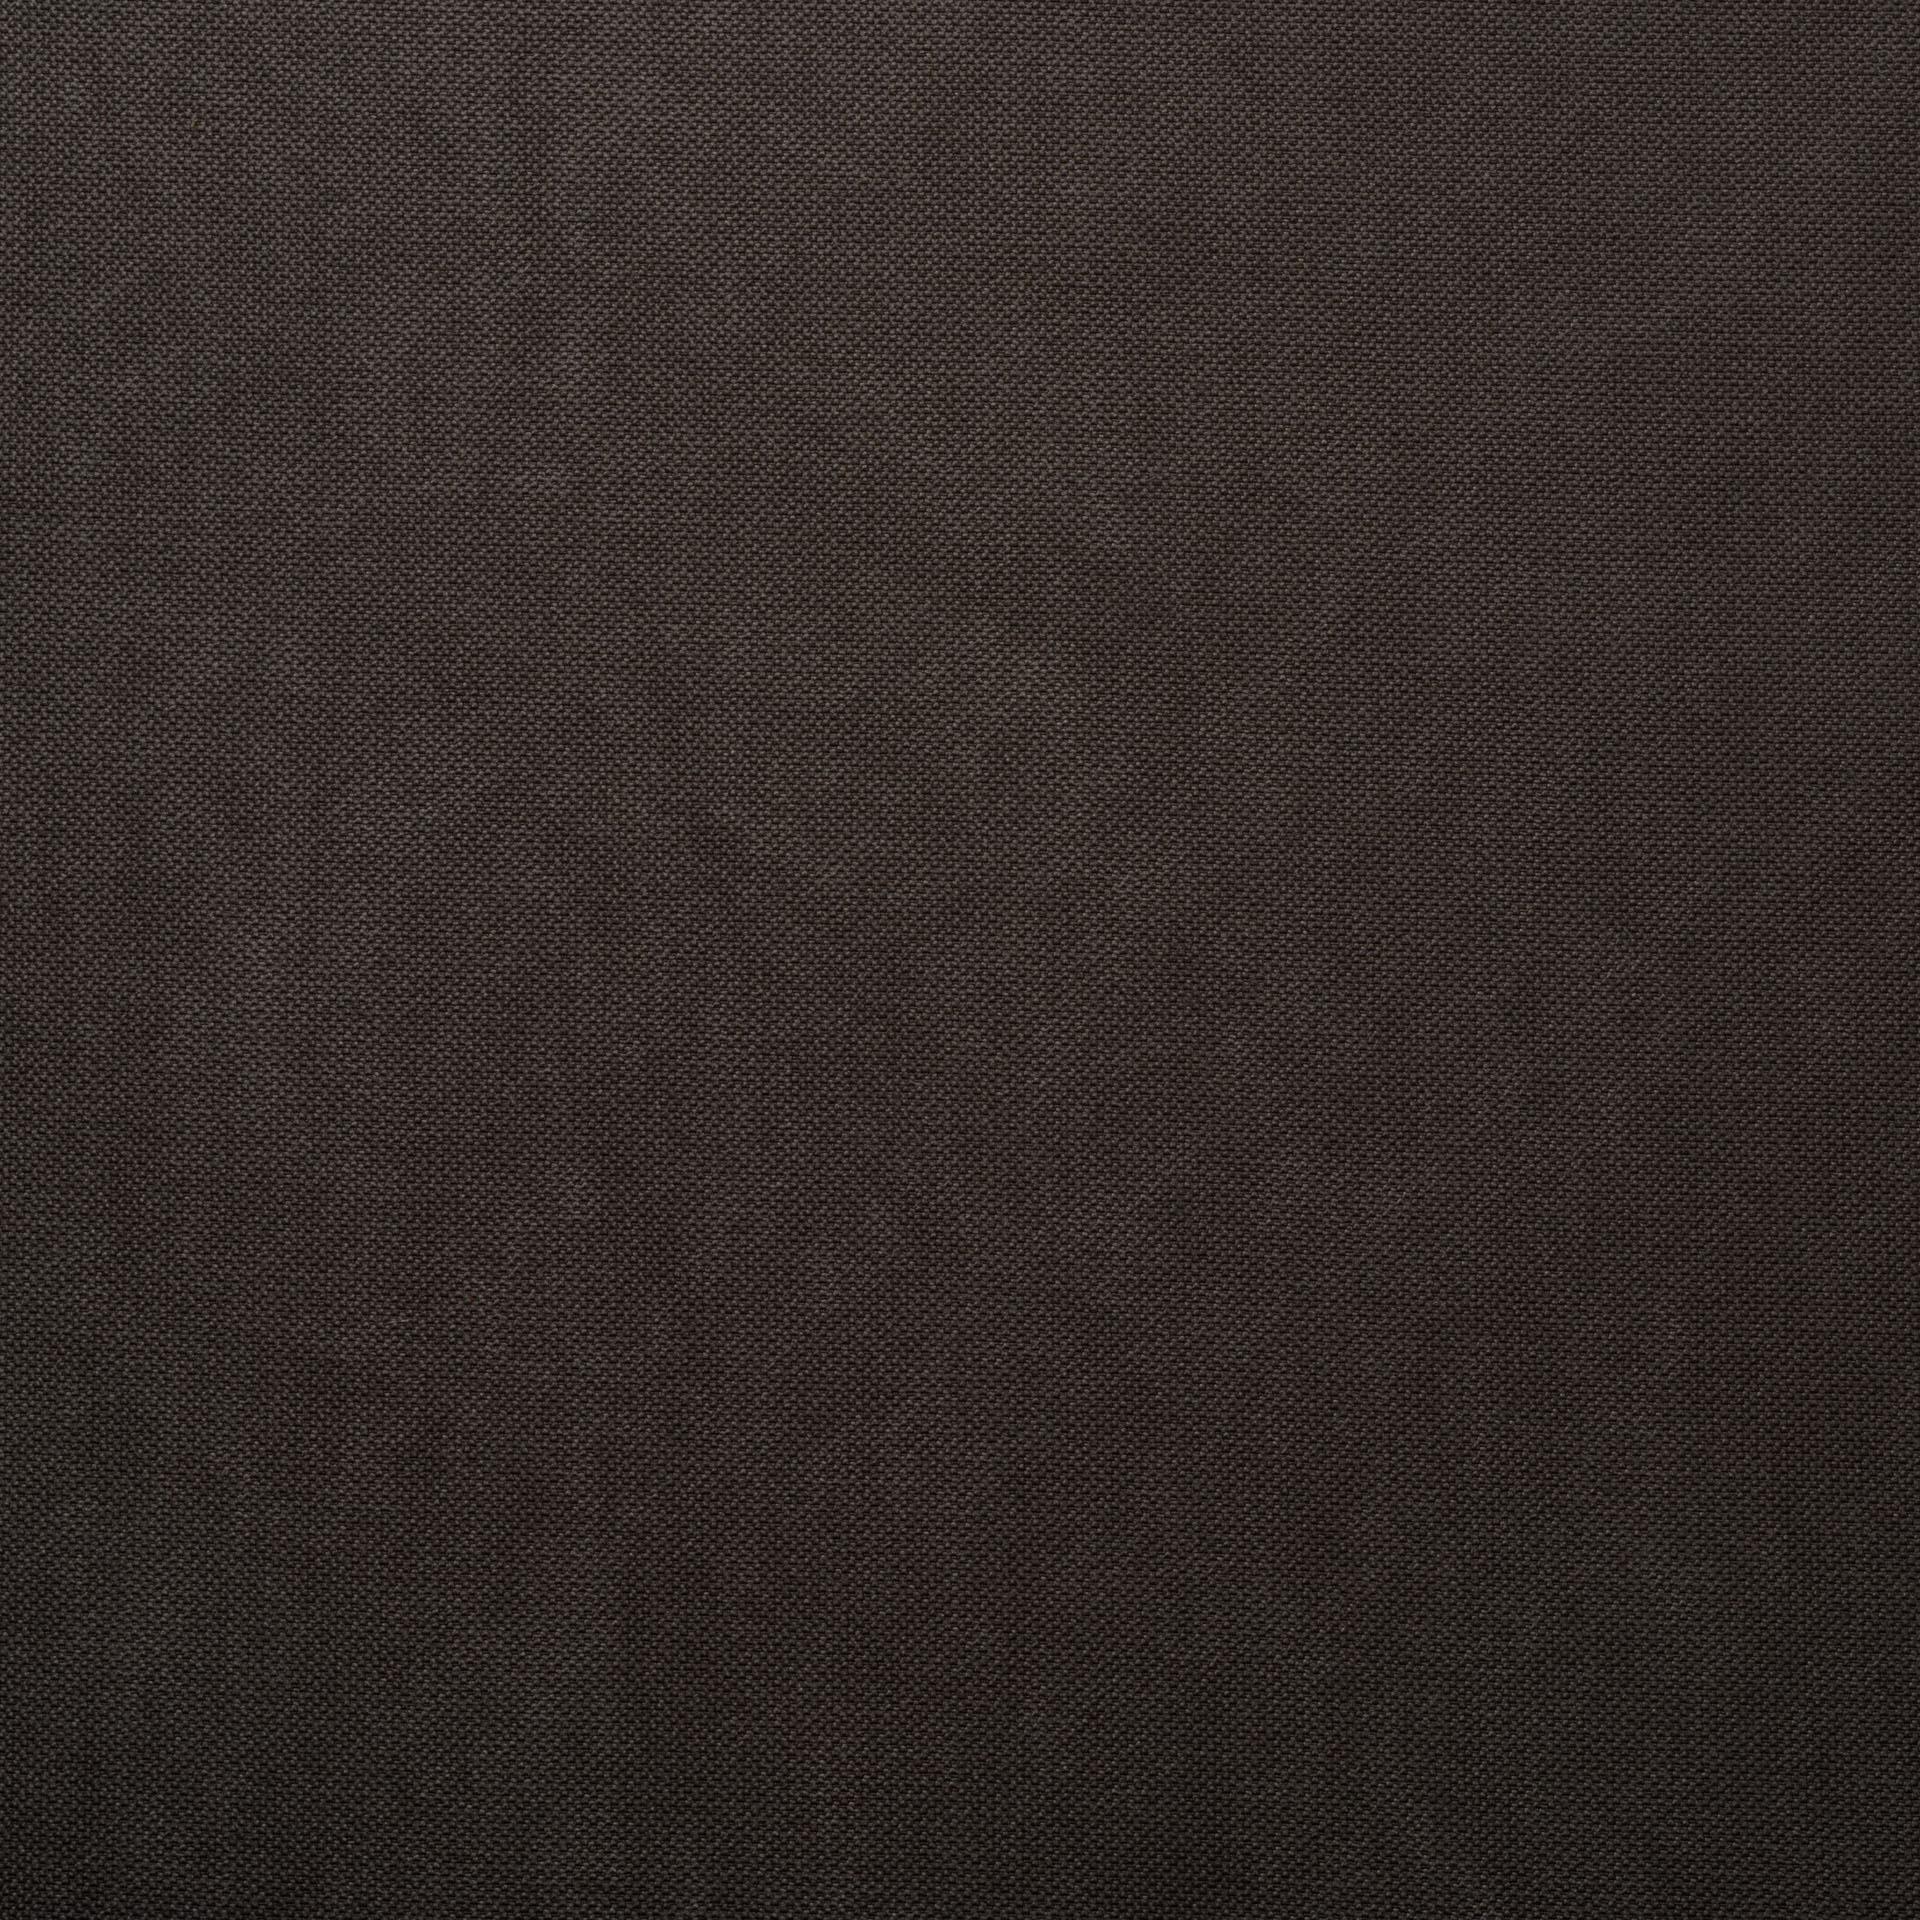 Коллекция ткани Стэнли 04 TOUP,  купить ткань Жаккард для мебели Украина